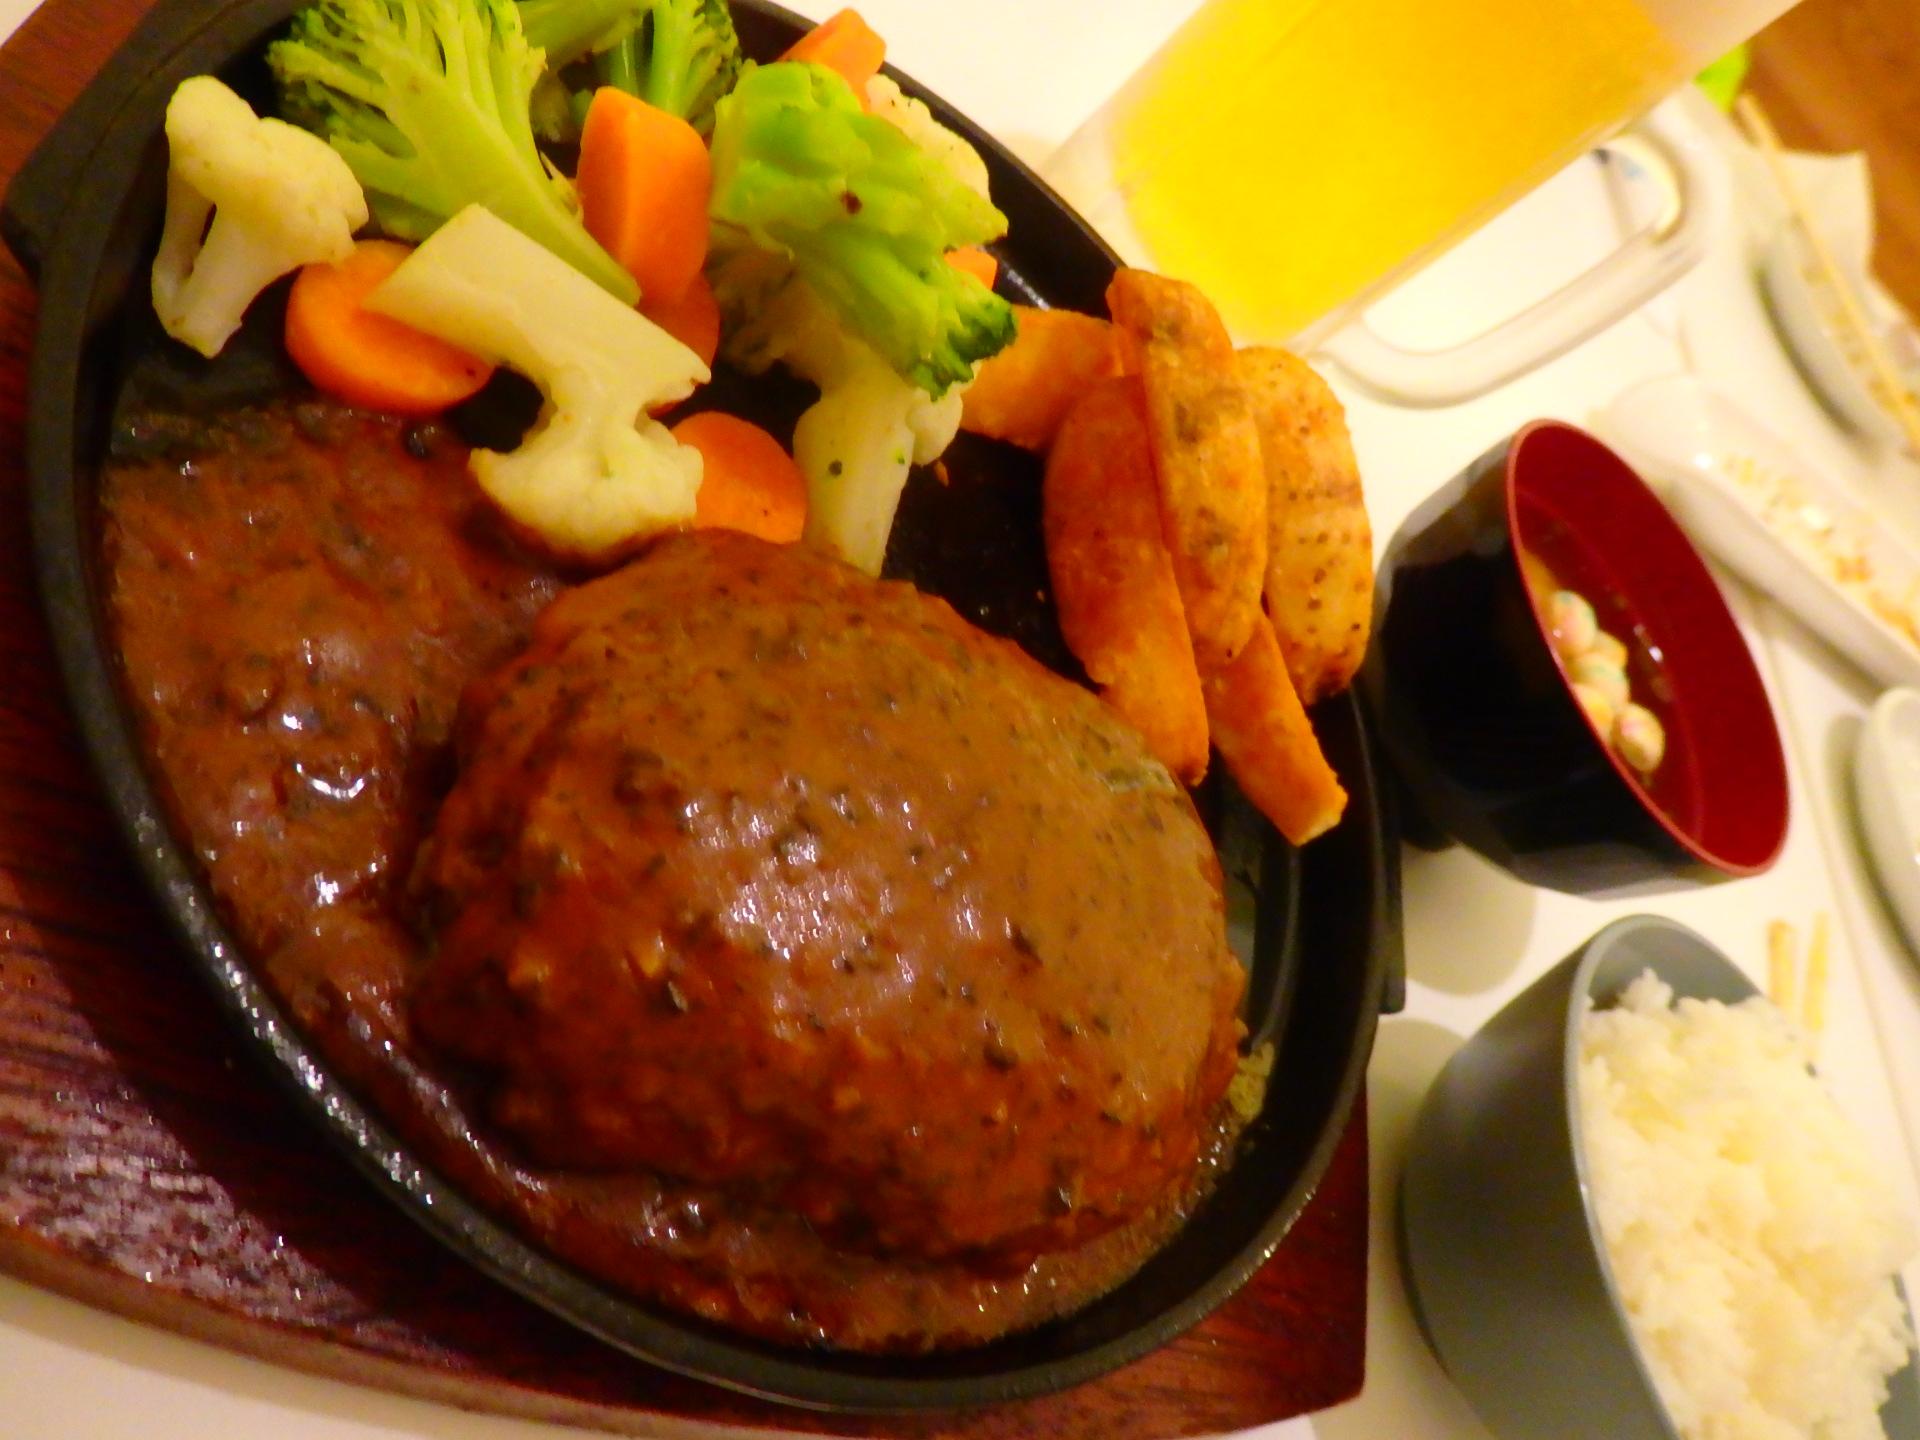 デミグラマッシュルームソースがたっぷりかかった極上ハンバーグステーキ